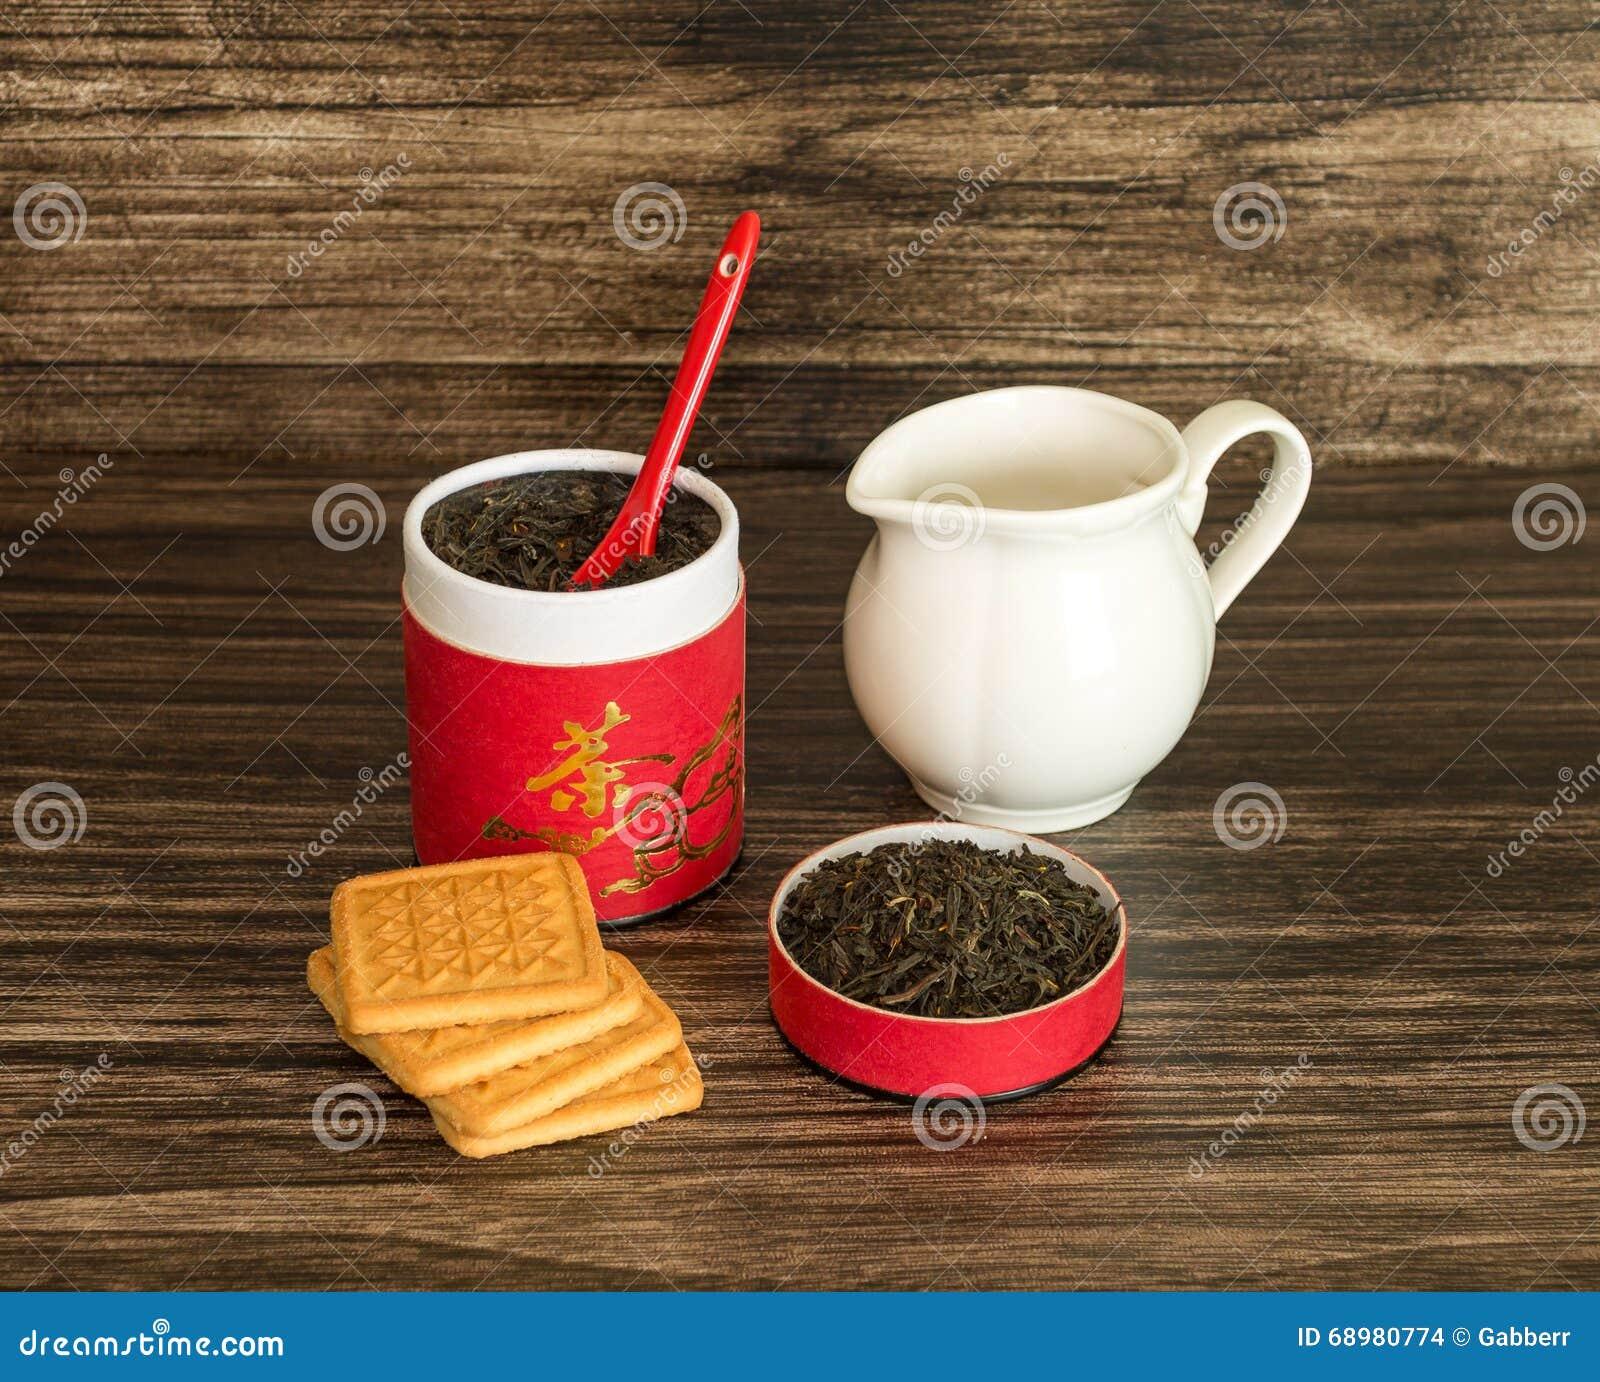 Té, galletas y un tarro